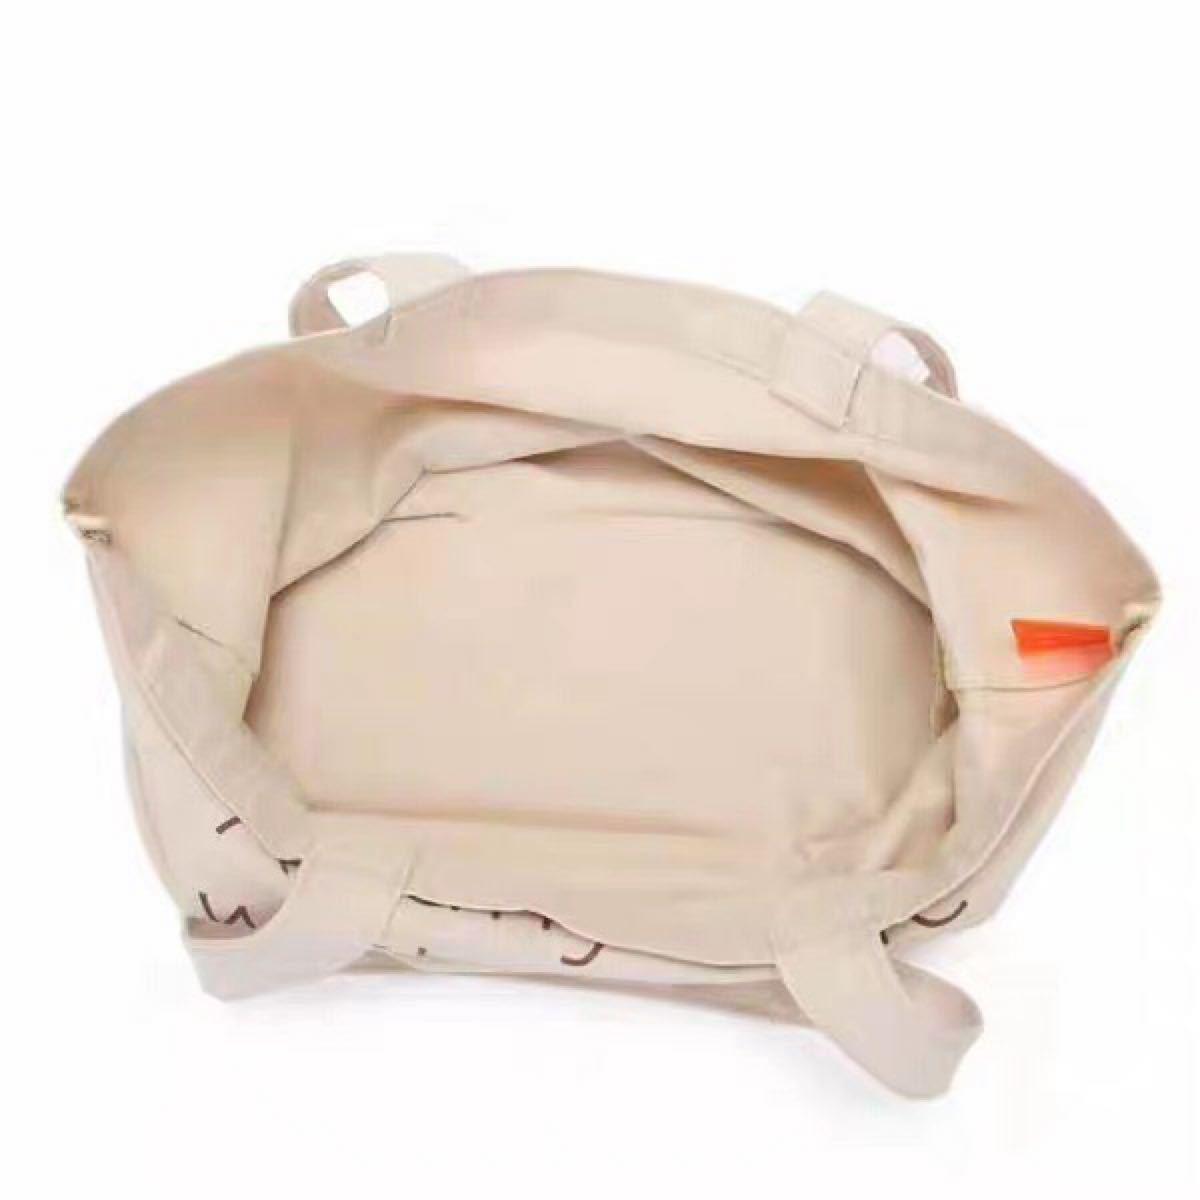 エコバッグ ミッフィー エコバッグ ショッピングバッグ 洗える 大容量